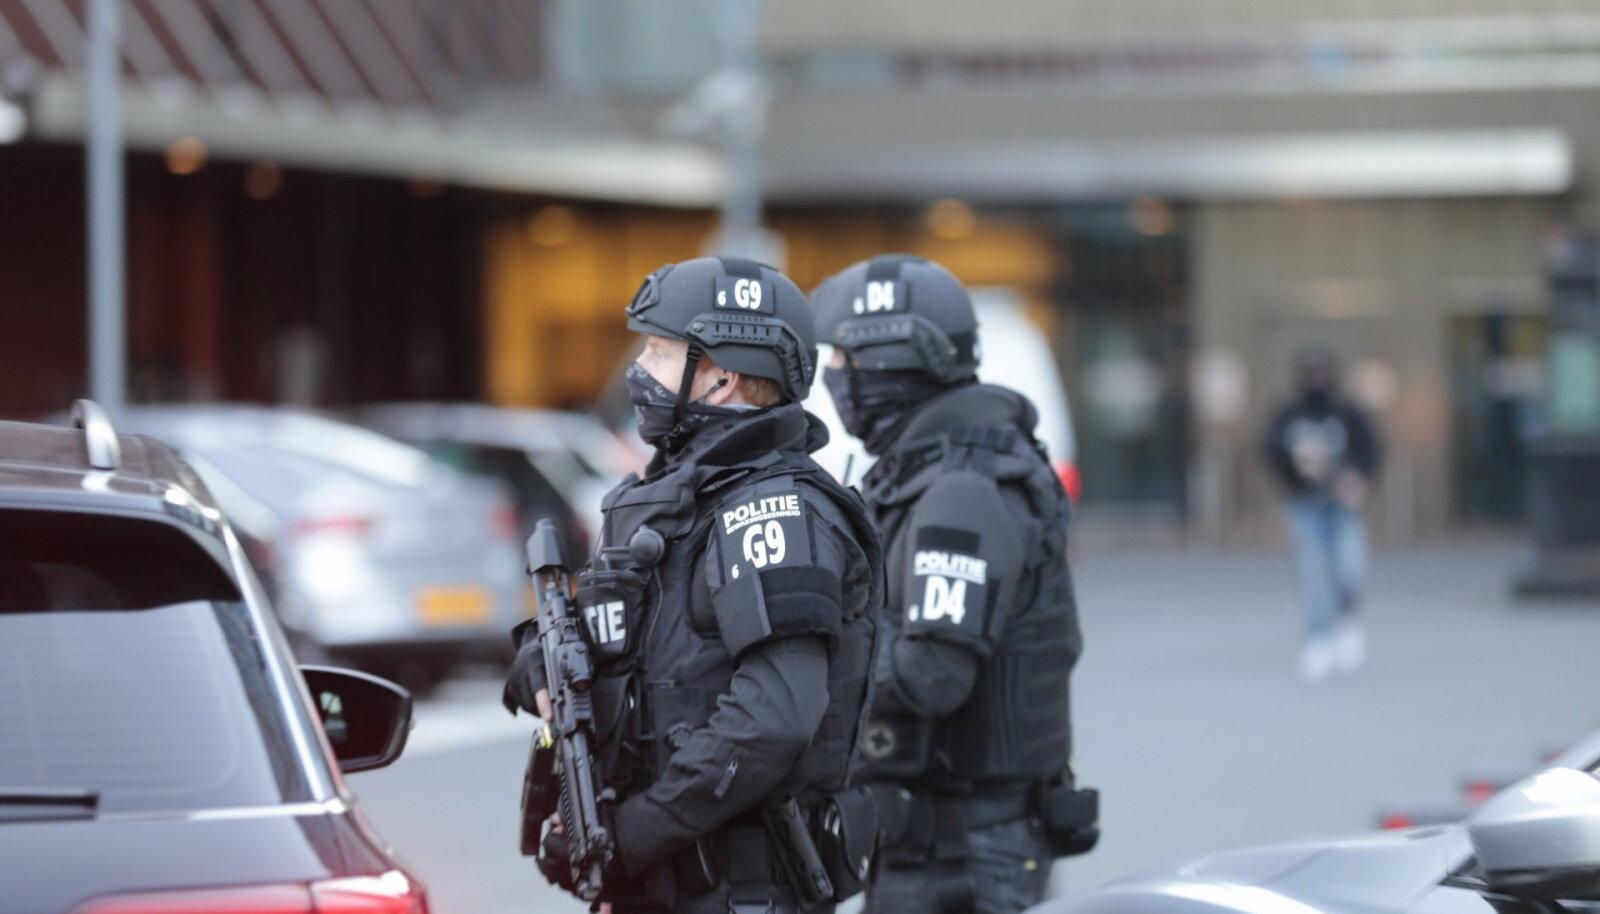 De Vries viidi haiglasse, mida turvab politsei eriüksus